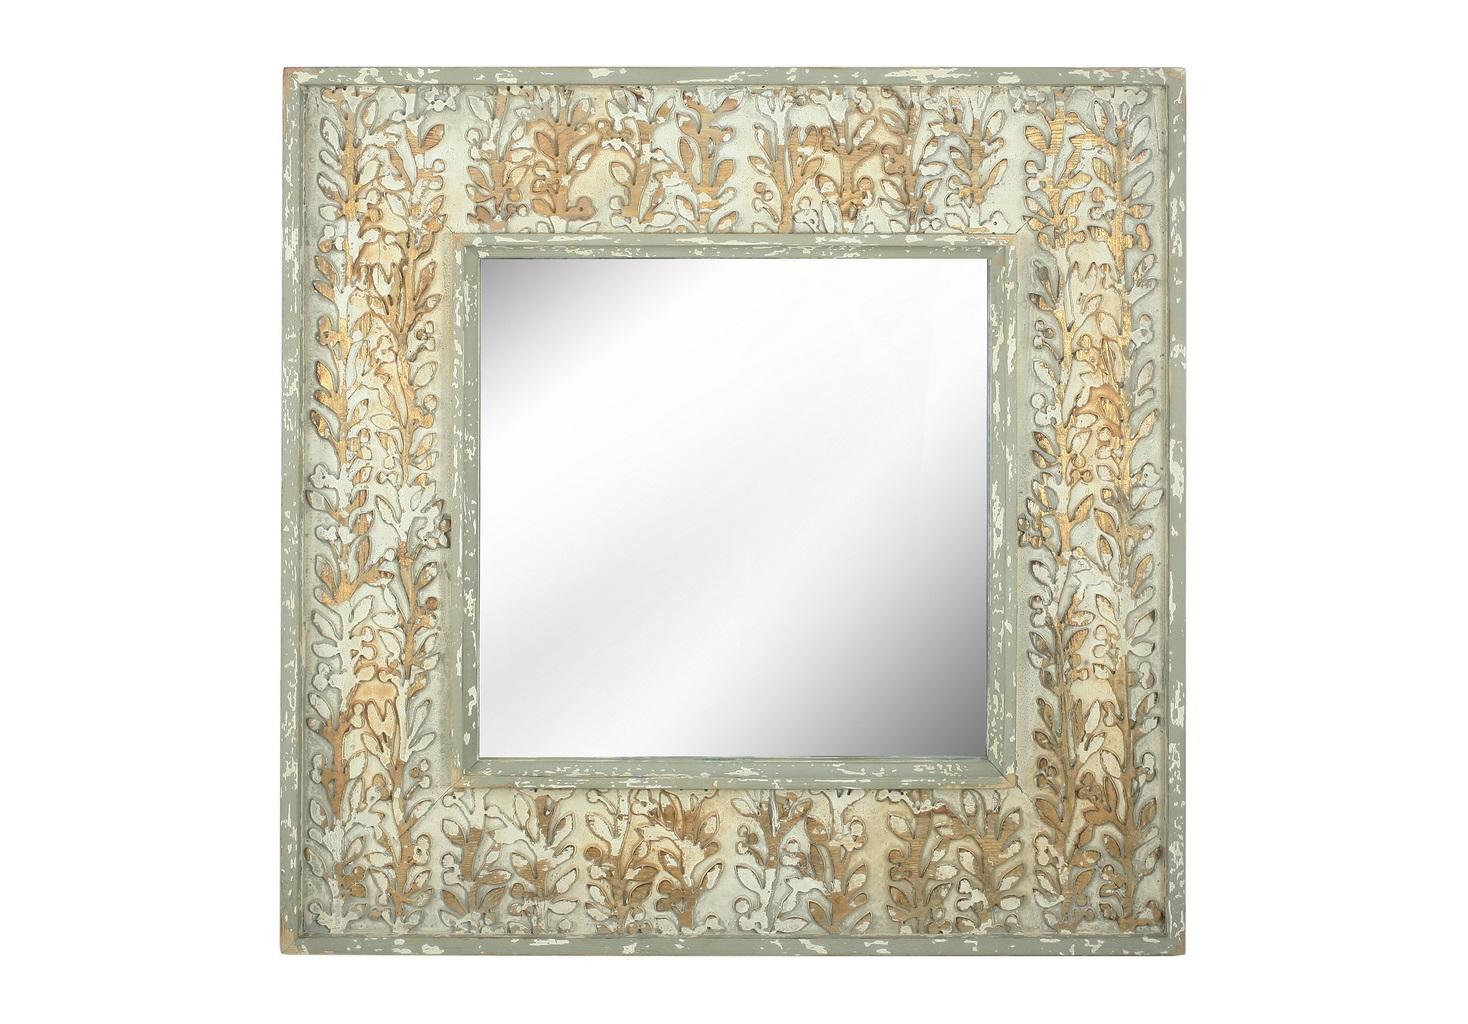 Зеркало настенноеНастенные зеркала<br><br><br>Material: Дерево<br>Ширина см: 93<br>Высота см: 93<br>Глубина см: 6